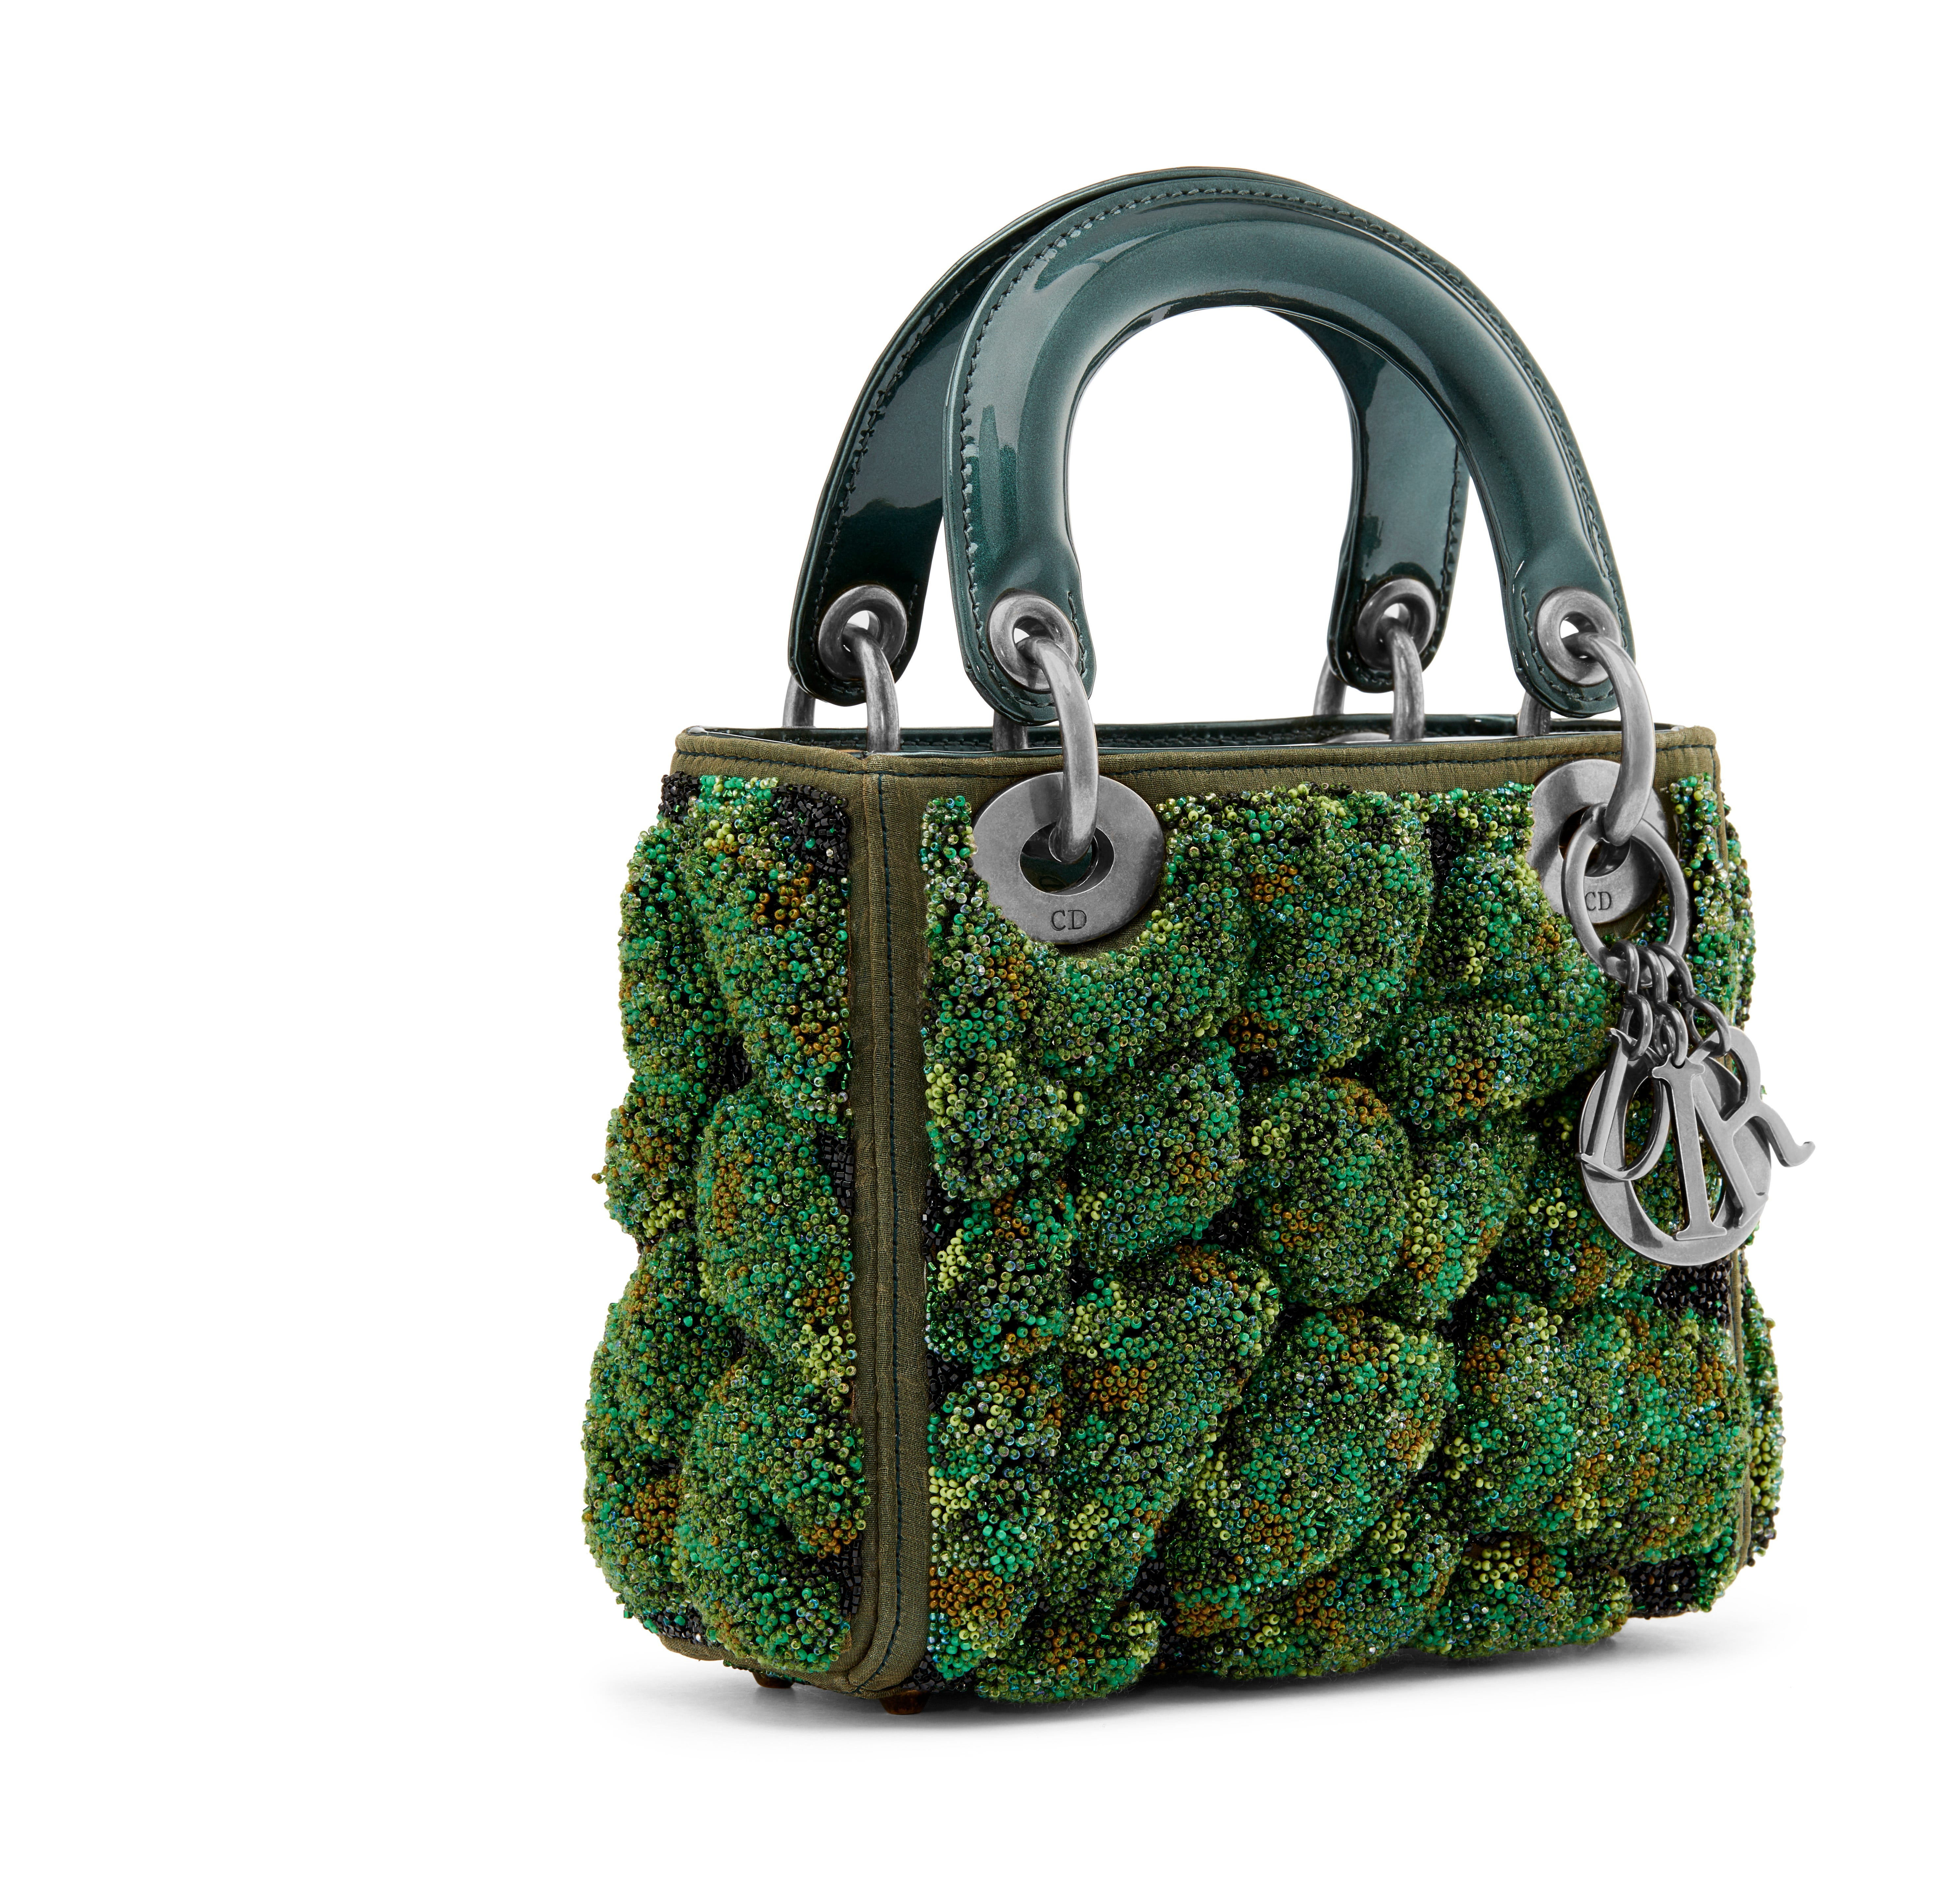 941ec367e7d3 Dior Lady Bag Female Artist Project Debuts In Miami